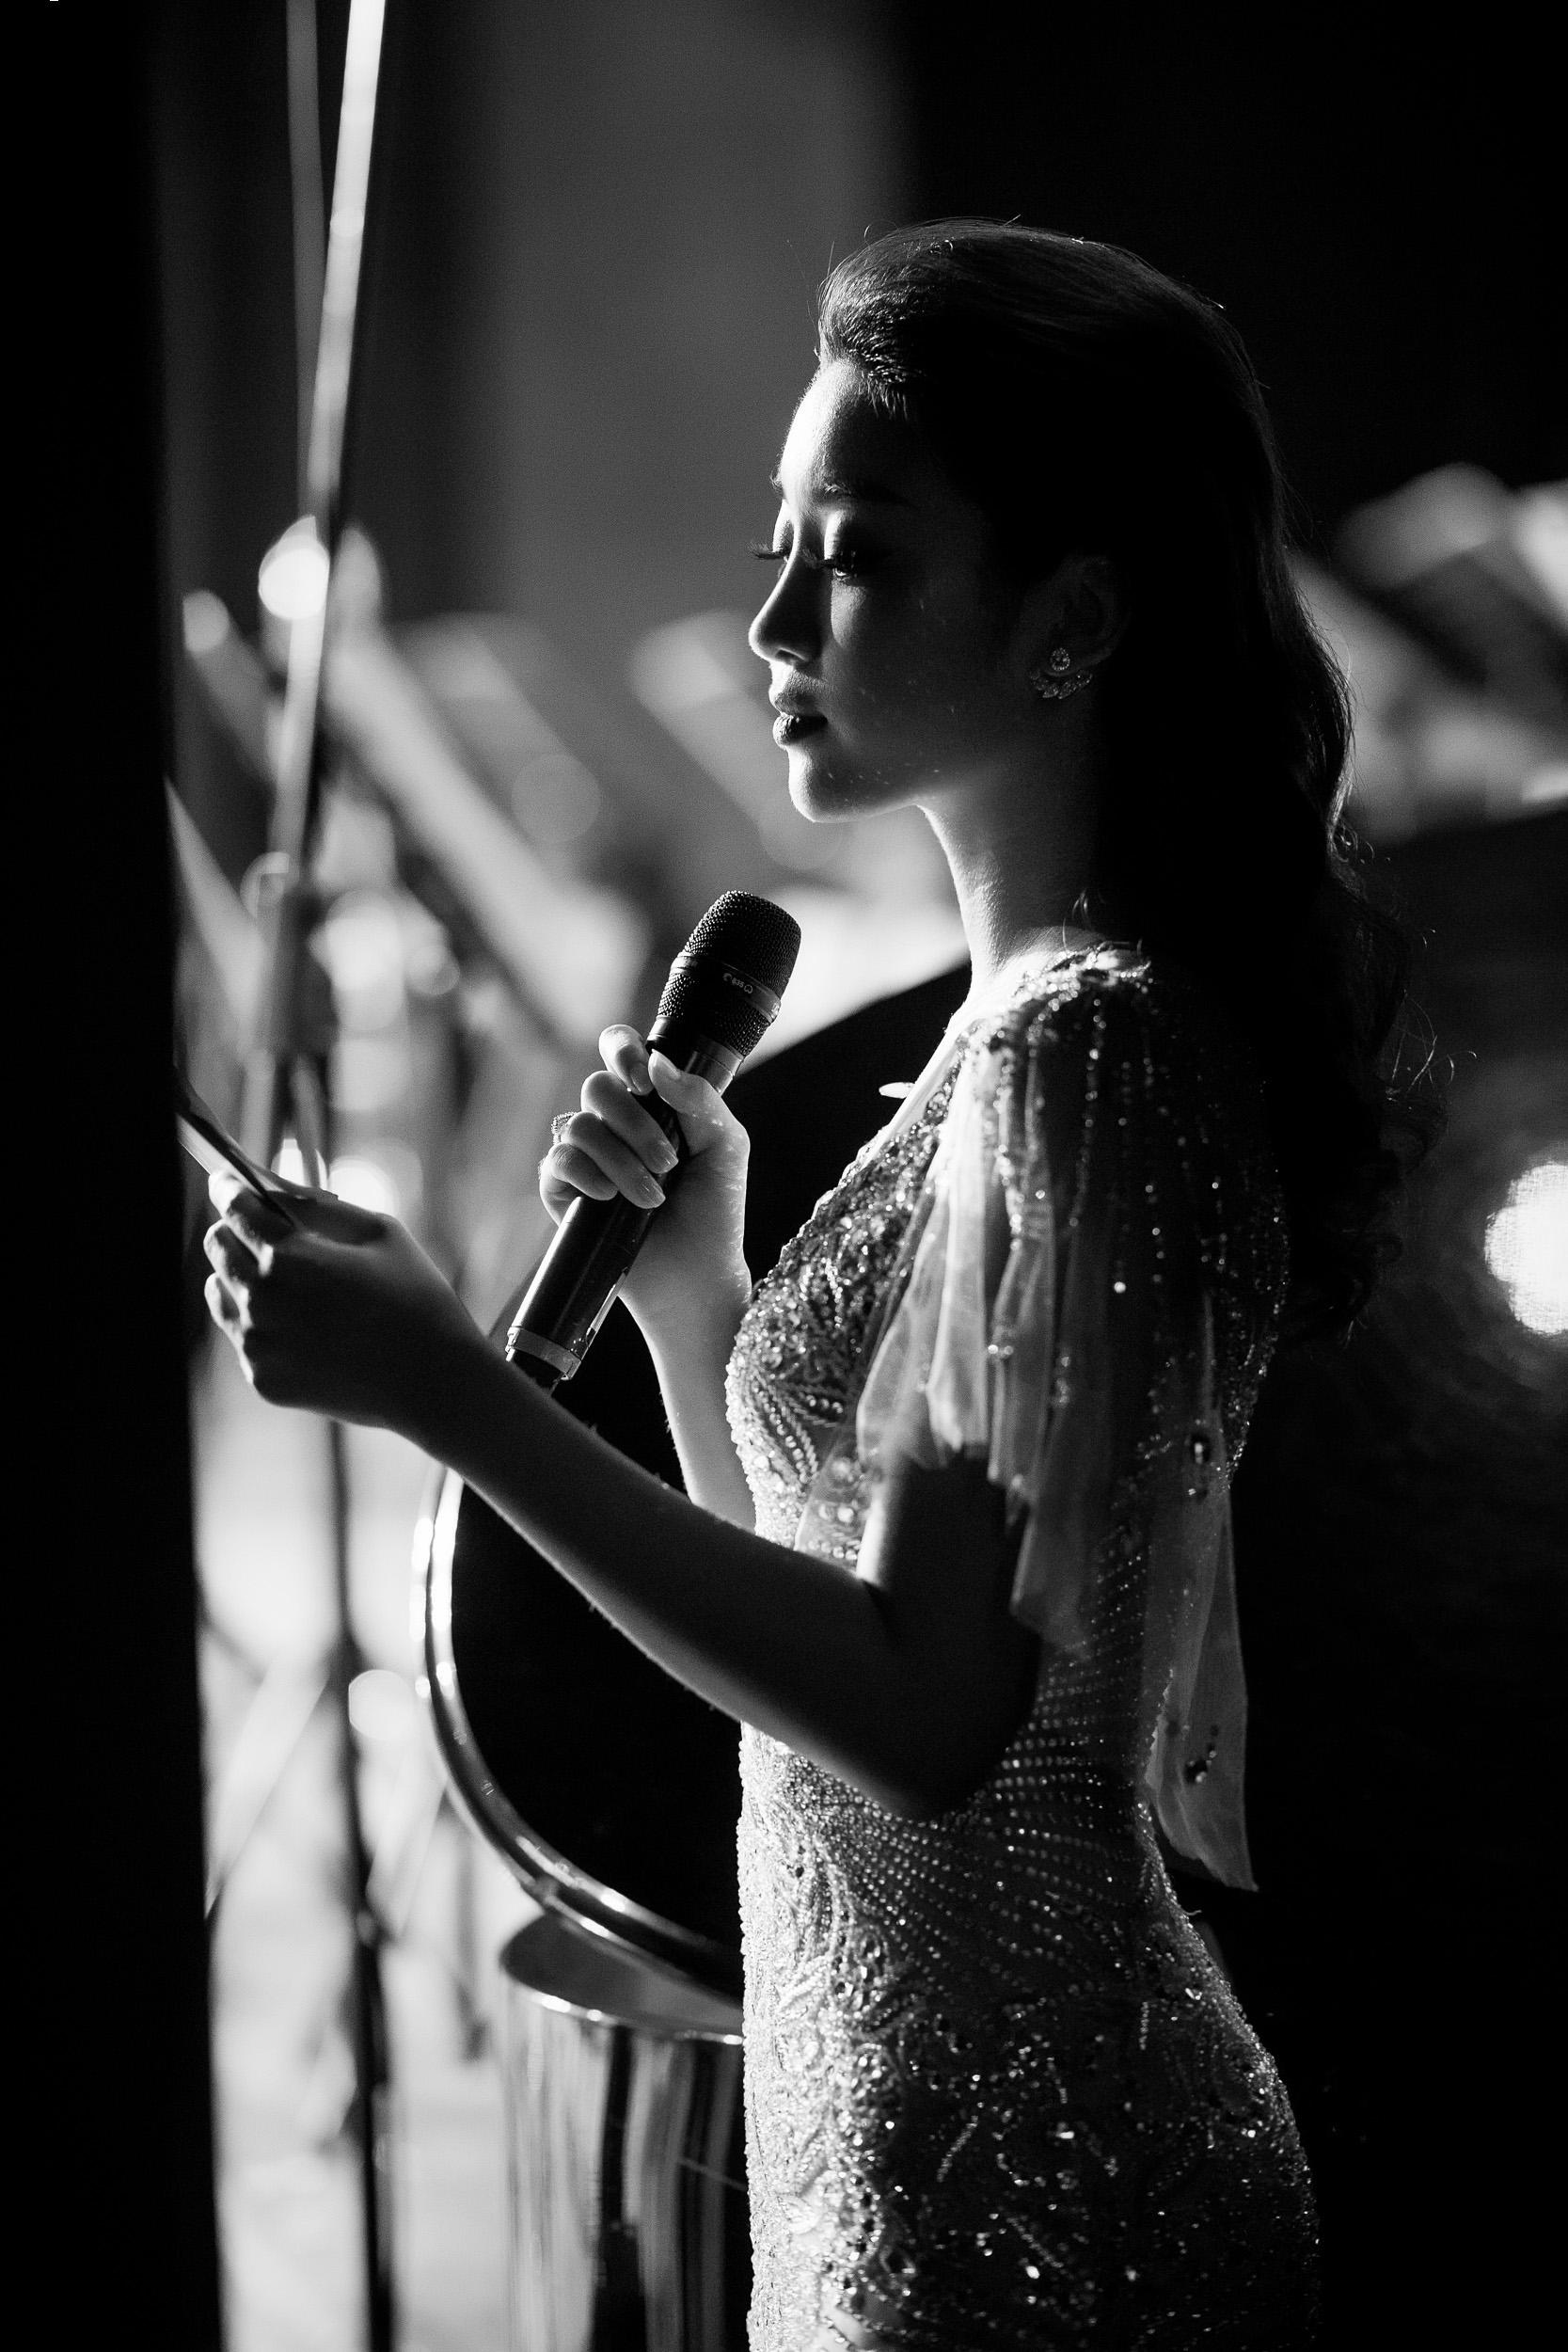 Mở màn 2018, Hoa hậu Mỹ Linh xuất hiện rạng ngời với vai trò MC 3